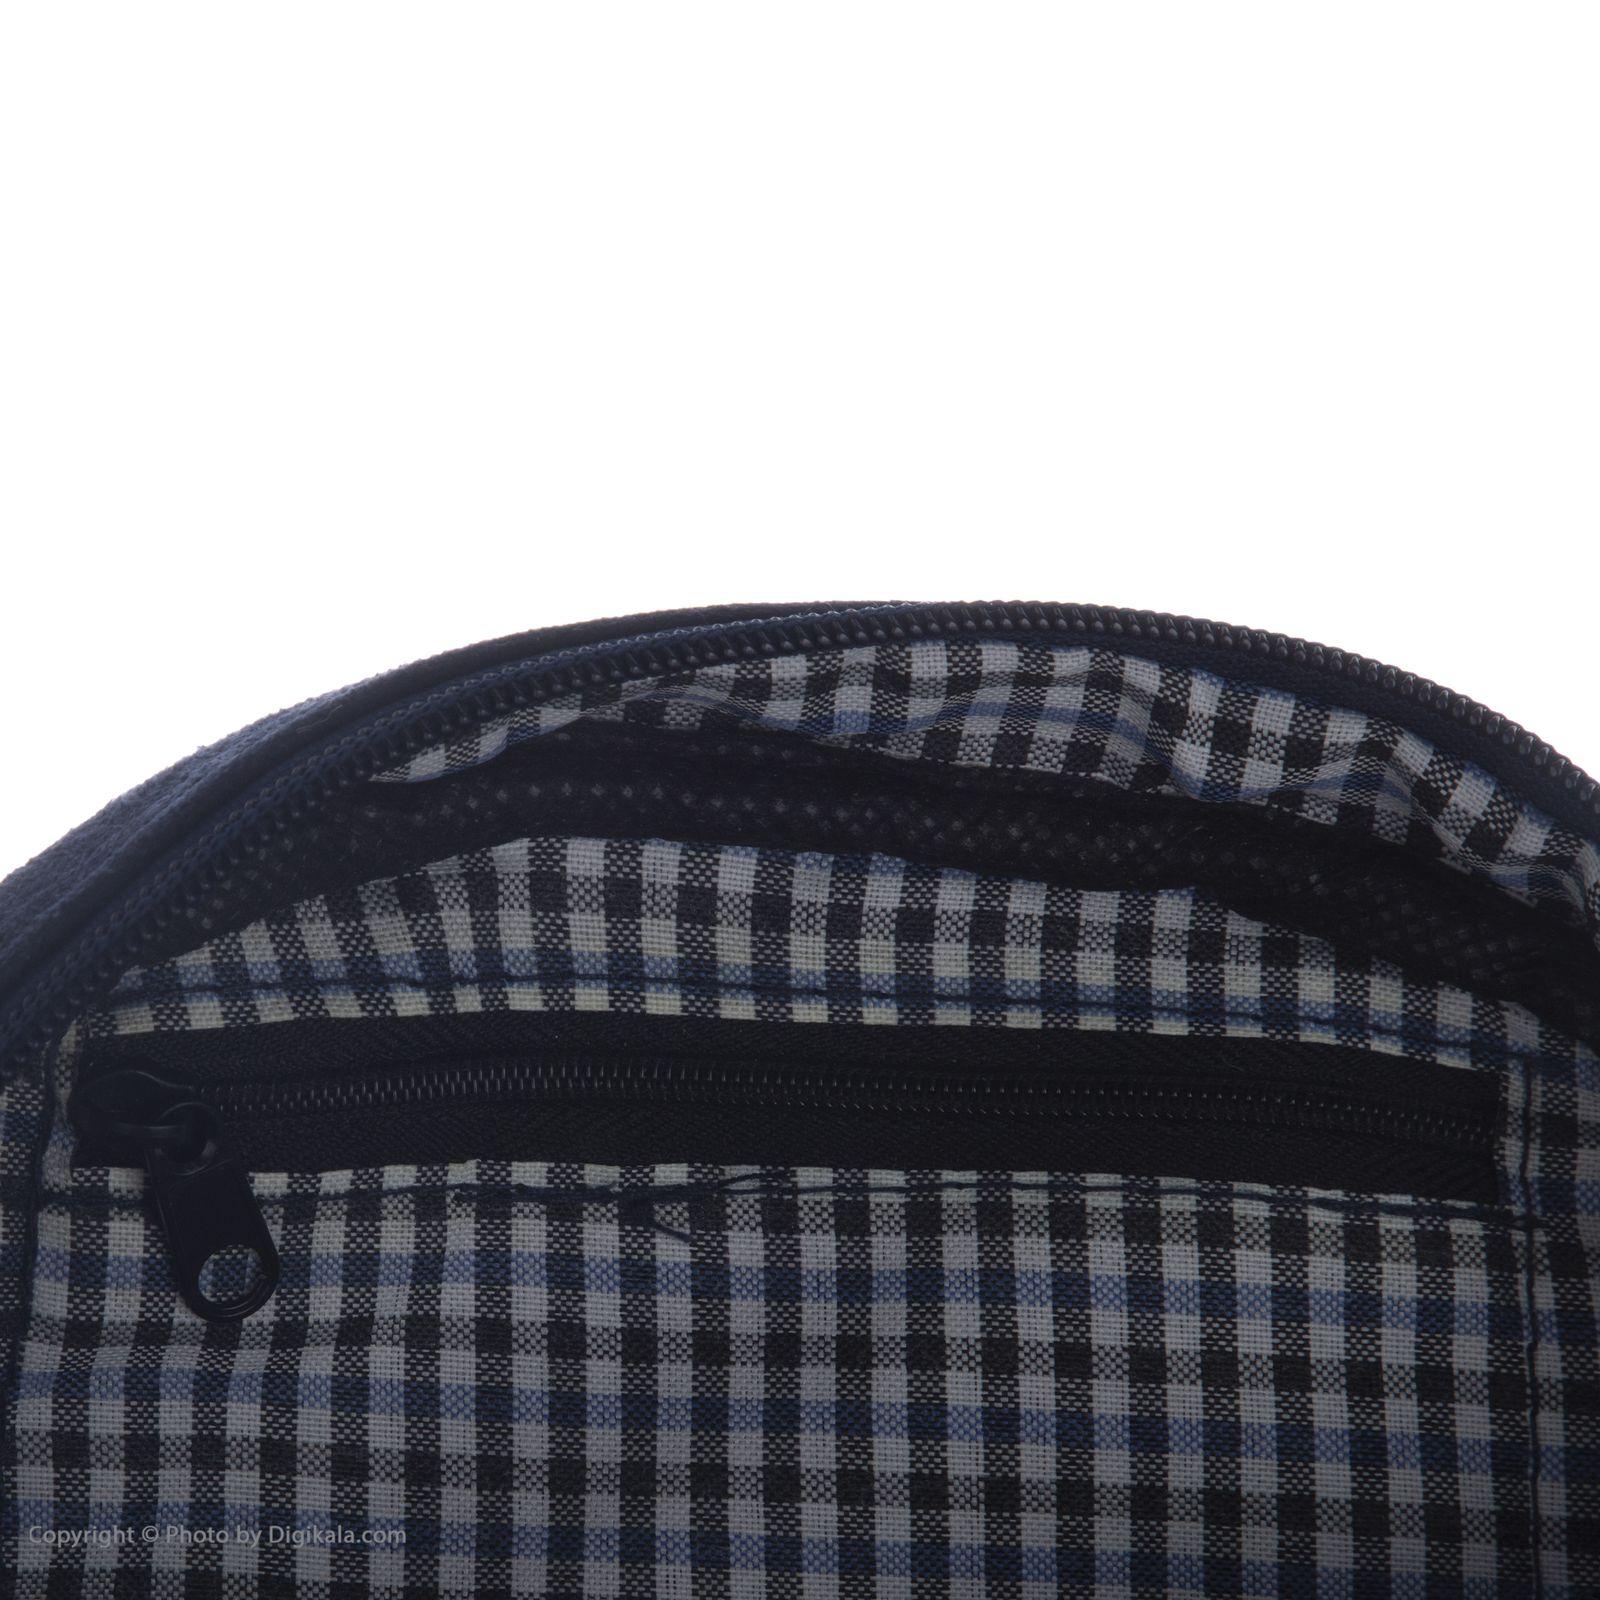 کیف رودوشی زنانه میو مدل MBSK144 -  - 4